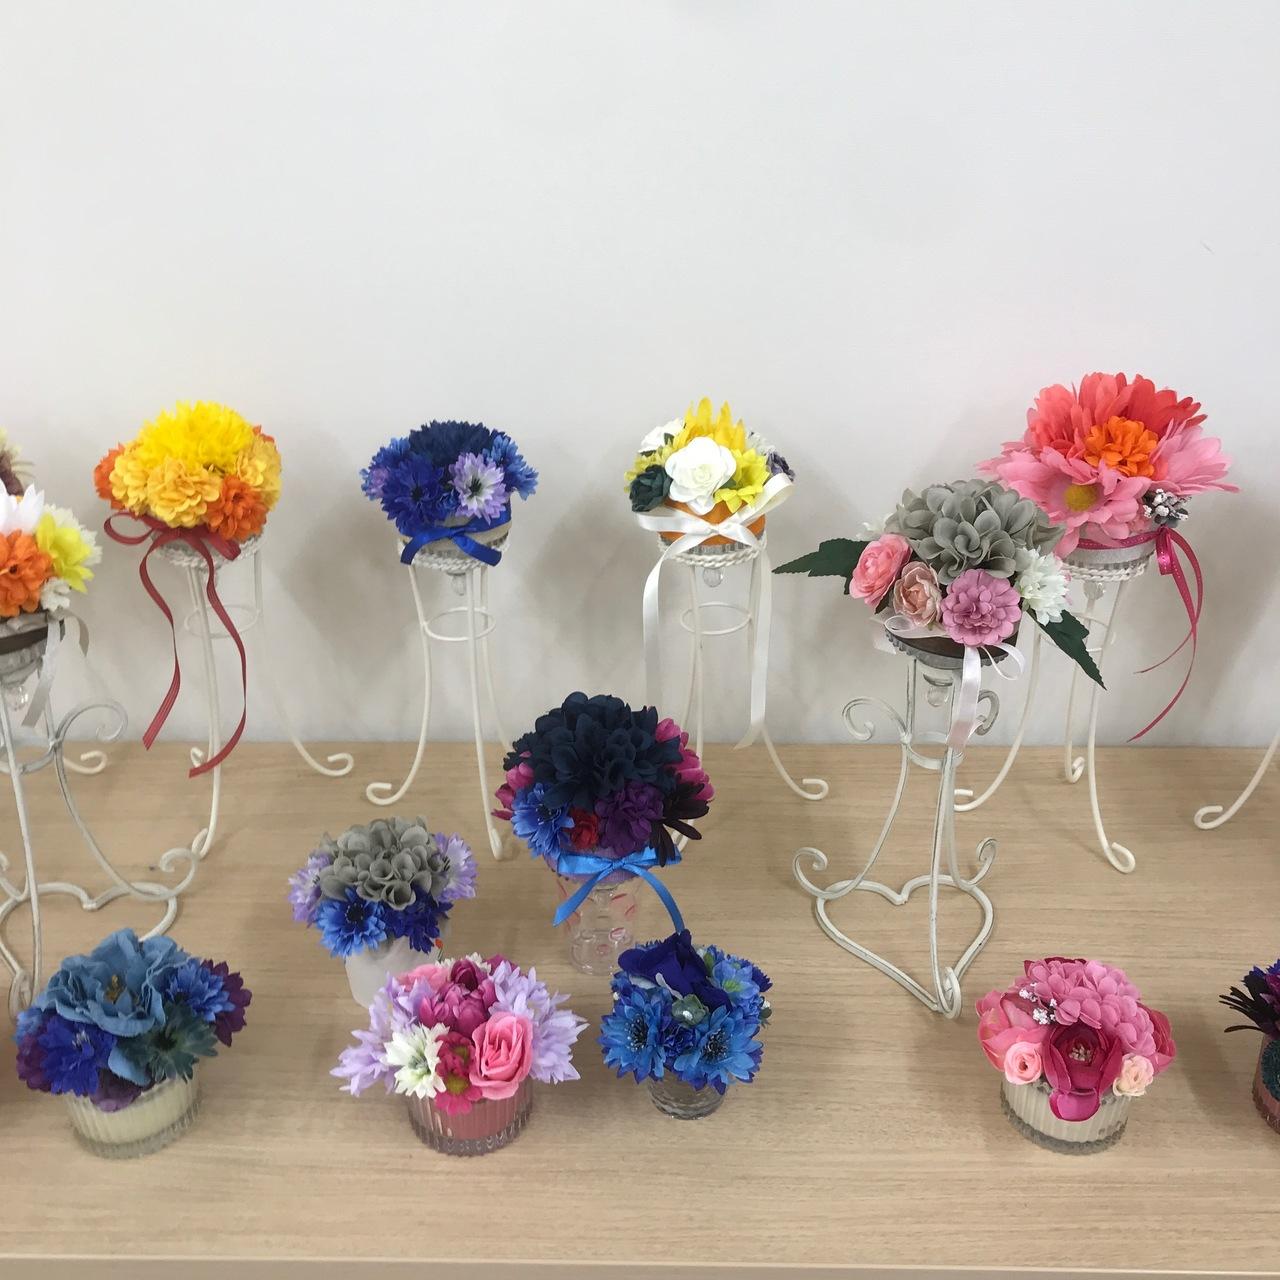 《CF患者応援スマイルプロジェクト》お花のウィッグスタンドを作ろう 12月14日(土)10:00~12:00